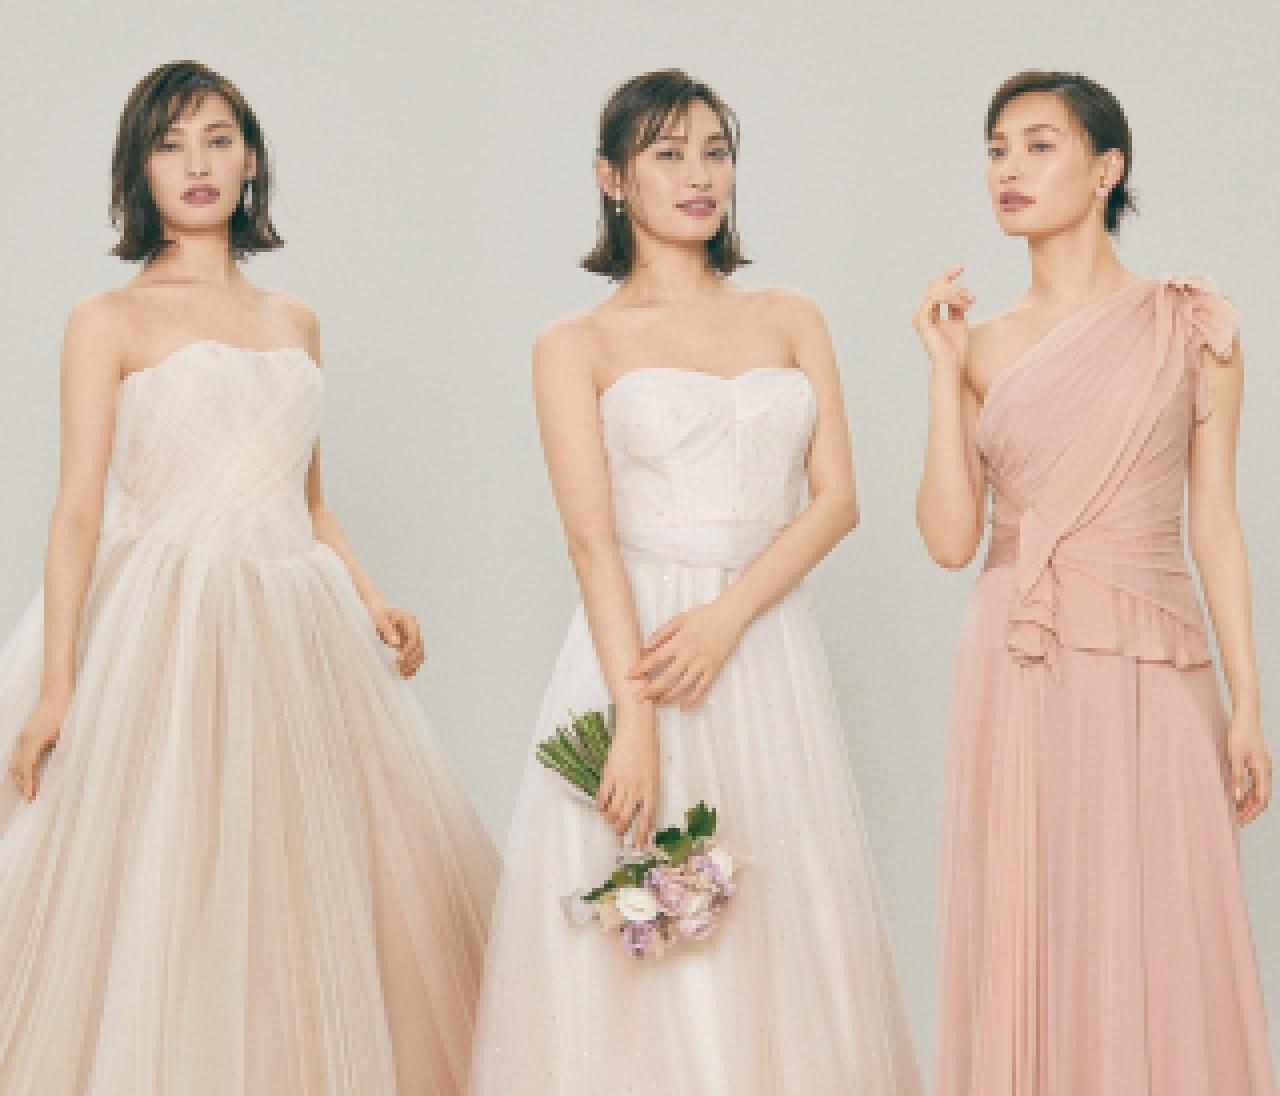 幸福感たっぷりのピンクドレス【10年先も美しいニュアンスカラードレス①】